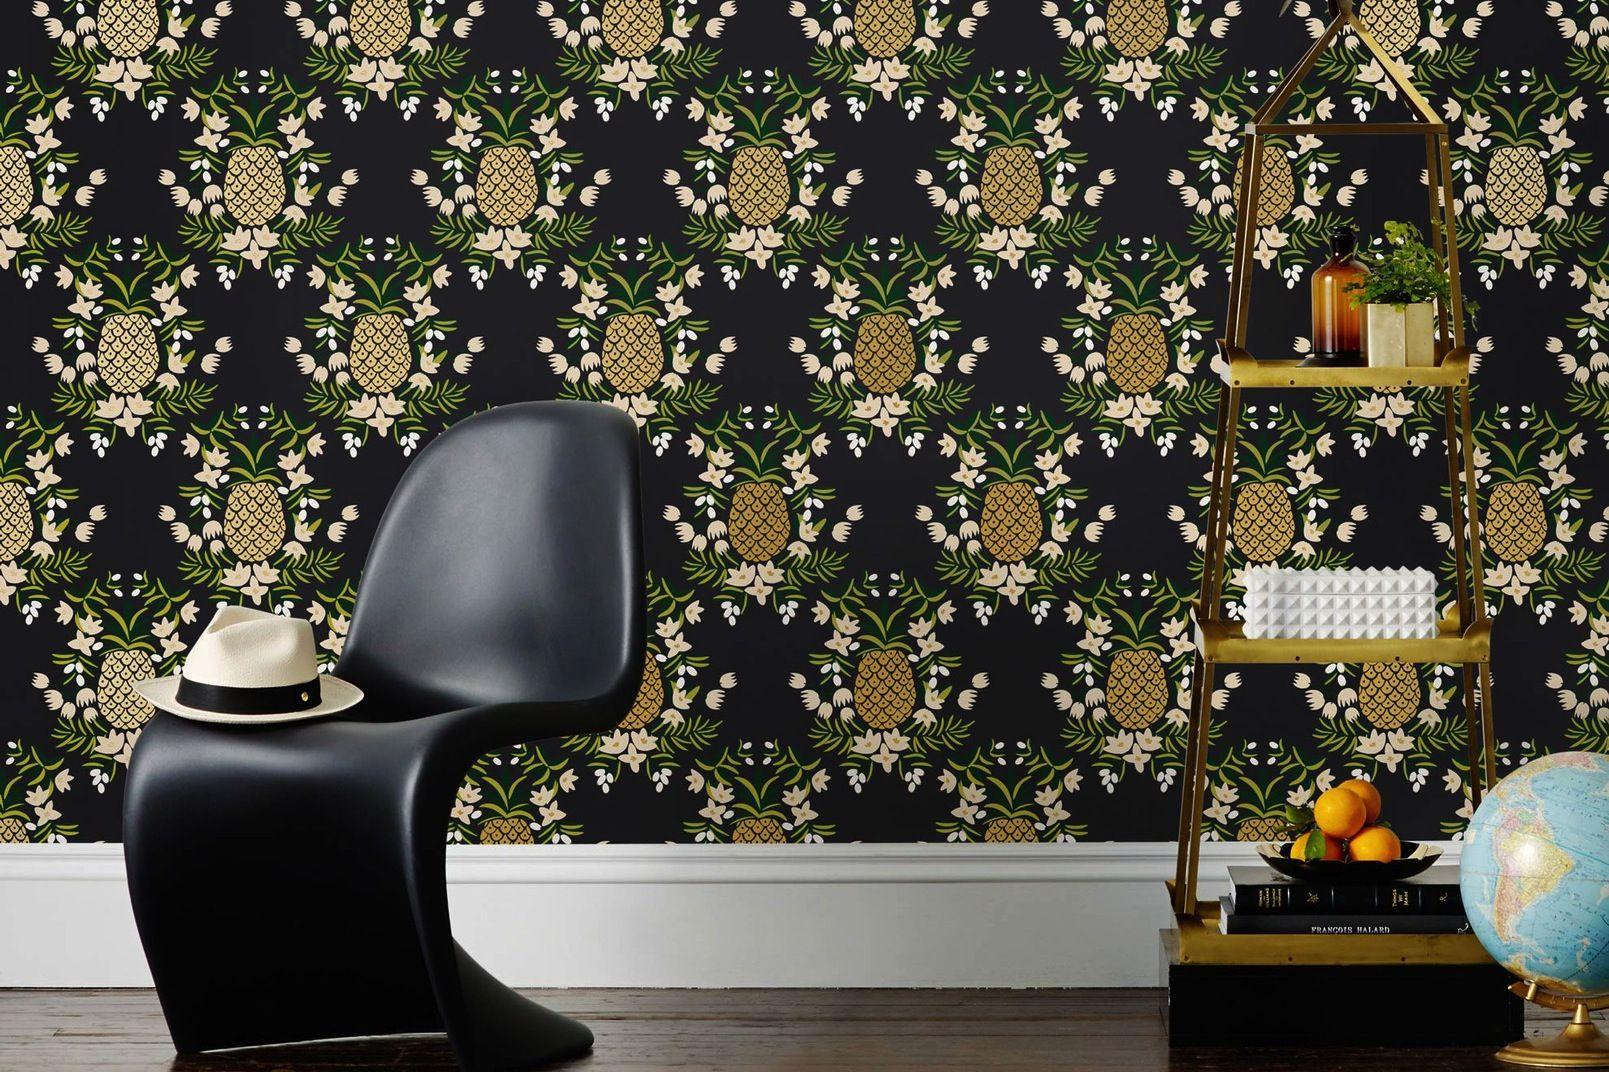 o trouver de jolis papiers peints pinterest papier peint petits cottages et peindre. Black Bedroom Furniture Sets. Home Design Ideas